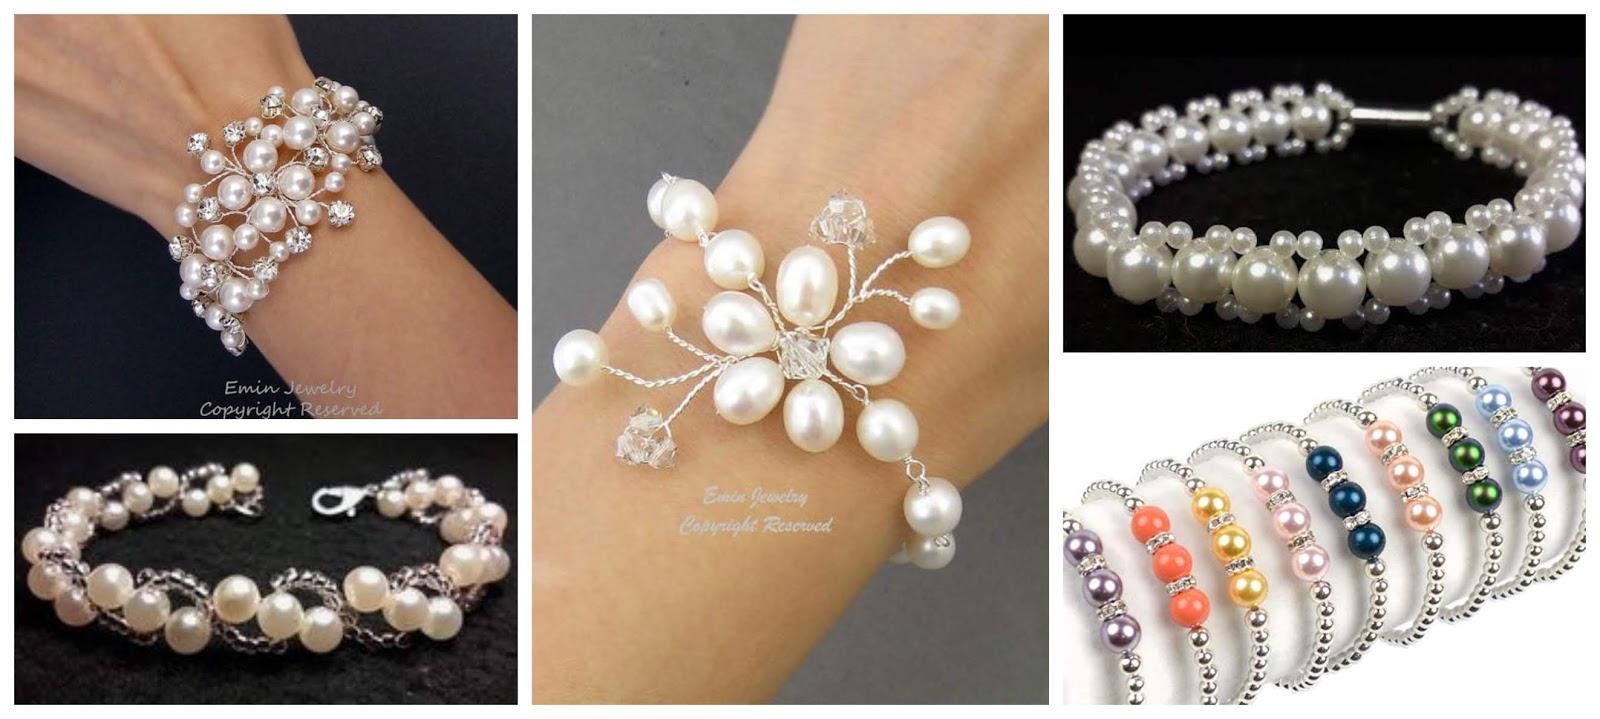 42f07123fcb7 Aprende cómo hacer una hermosa pulsera de perlas paso a paso ...